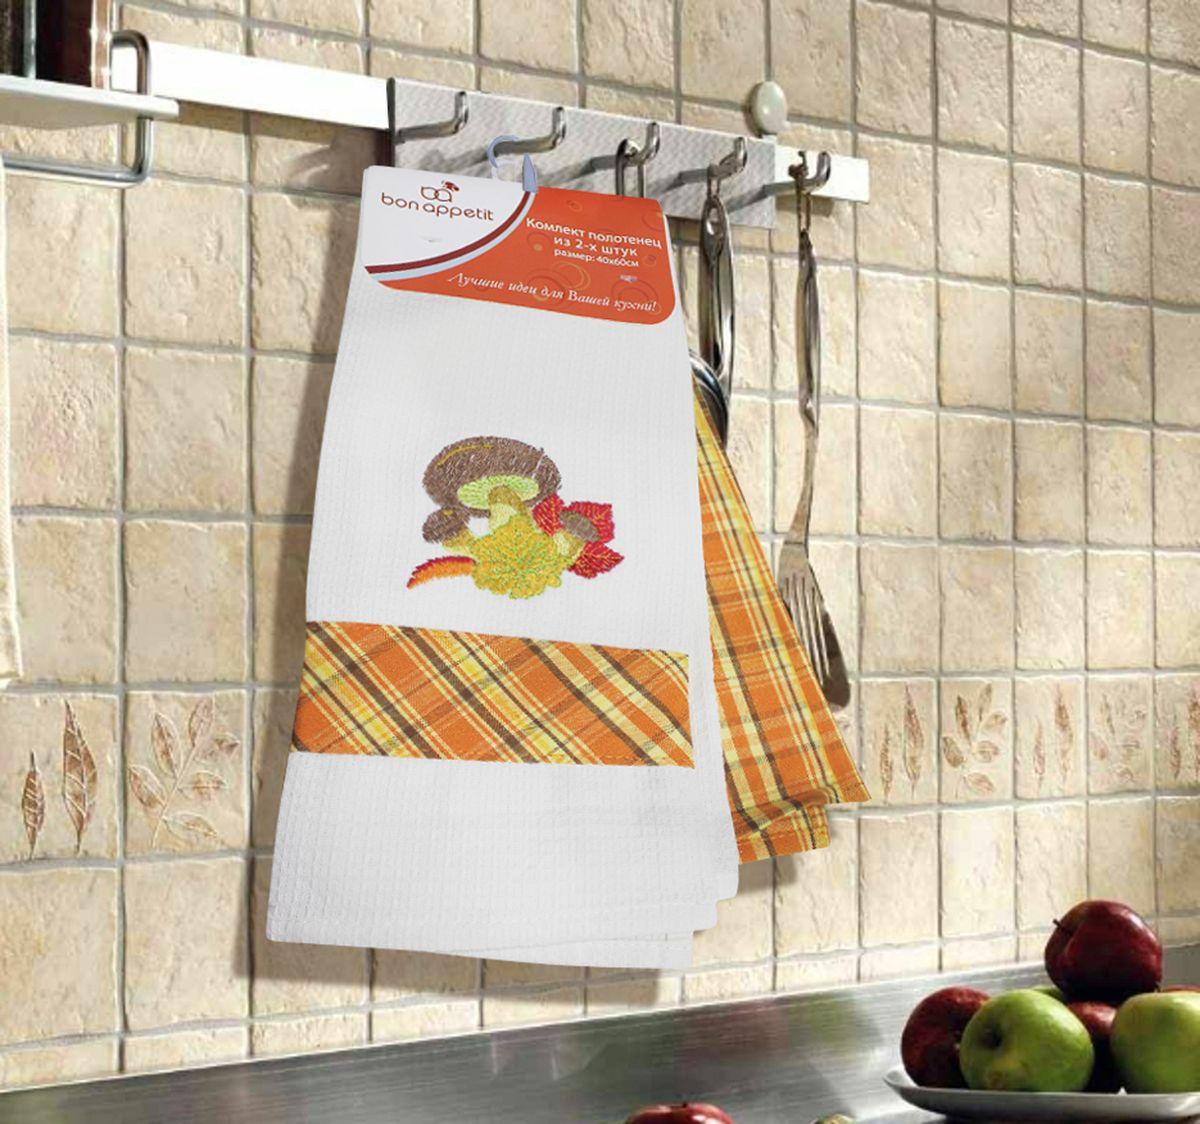 Набор кухонных полотенец Bon Appetit Mushrooms, цвет: коричневый, 2 шт64866Кухонные Полотенца Bon Appetit - В помощь хозяйке на кухне!!! Кухонные Полотенца Bon Appetit идеально дополнят интерьер вашей кухни и создадут атмосферу уюта и комфорта. Полотенца выполнены из натурального 100% Хлопка, поэтому являются экологически чистыми. Качество материала гарантирует безопасность не только взрослых, но и самых маленьких членов семьи. Bon Appetit – Интерьер и Практичность Современной Кухни!